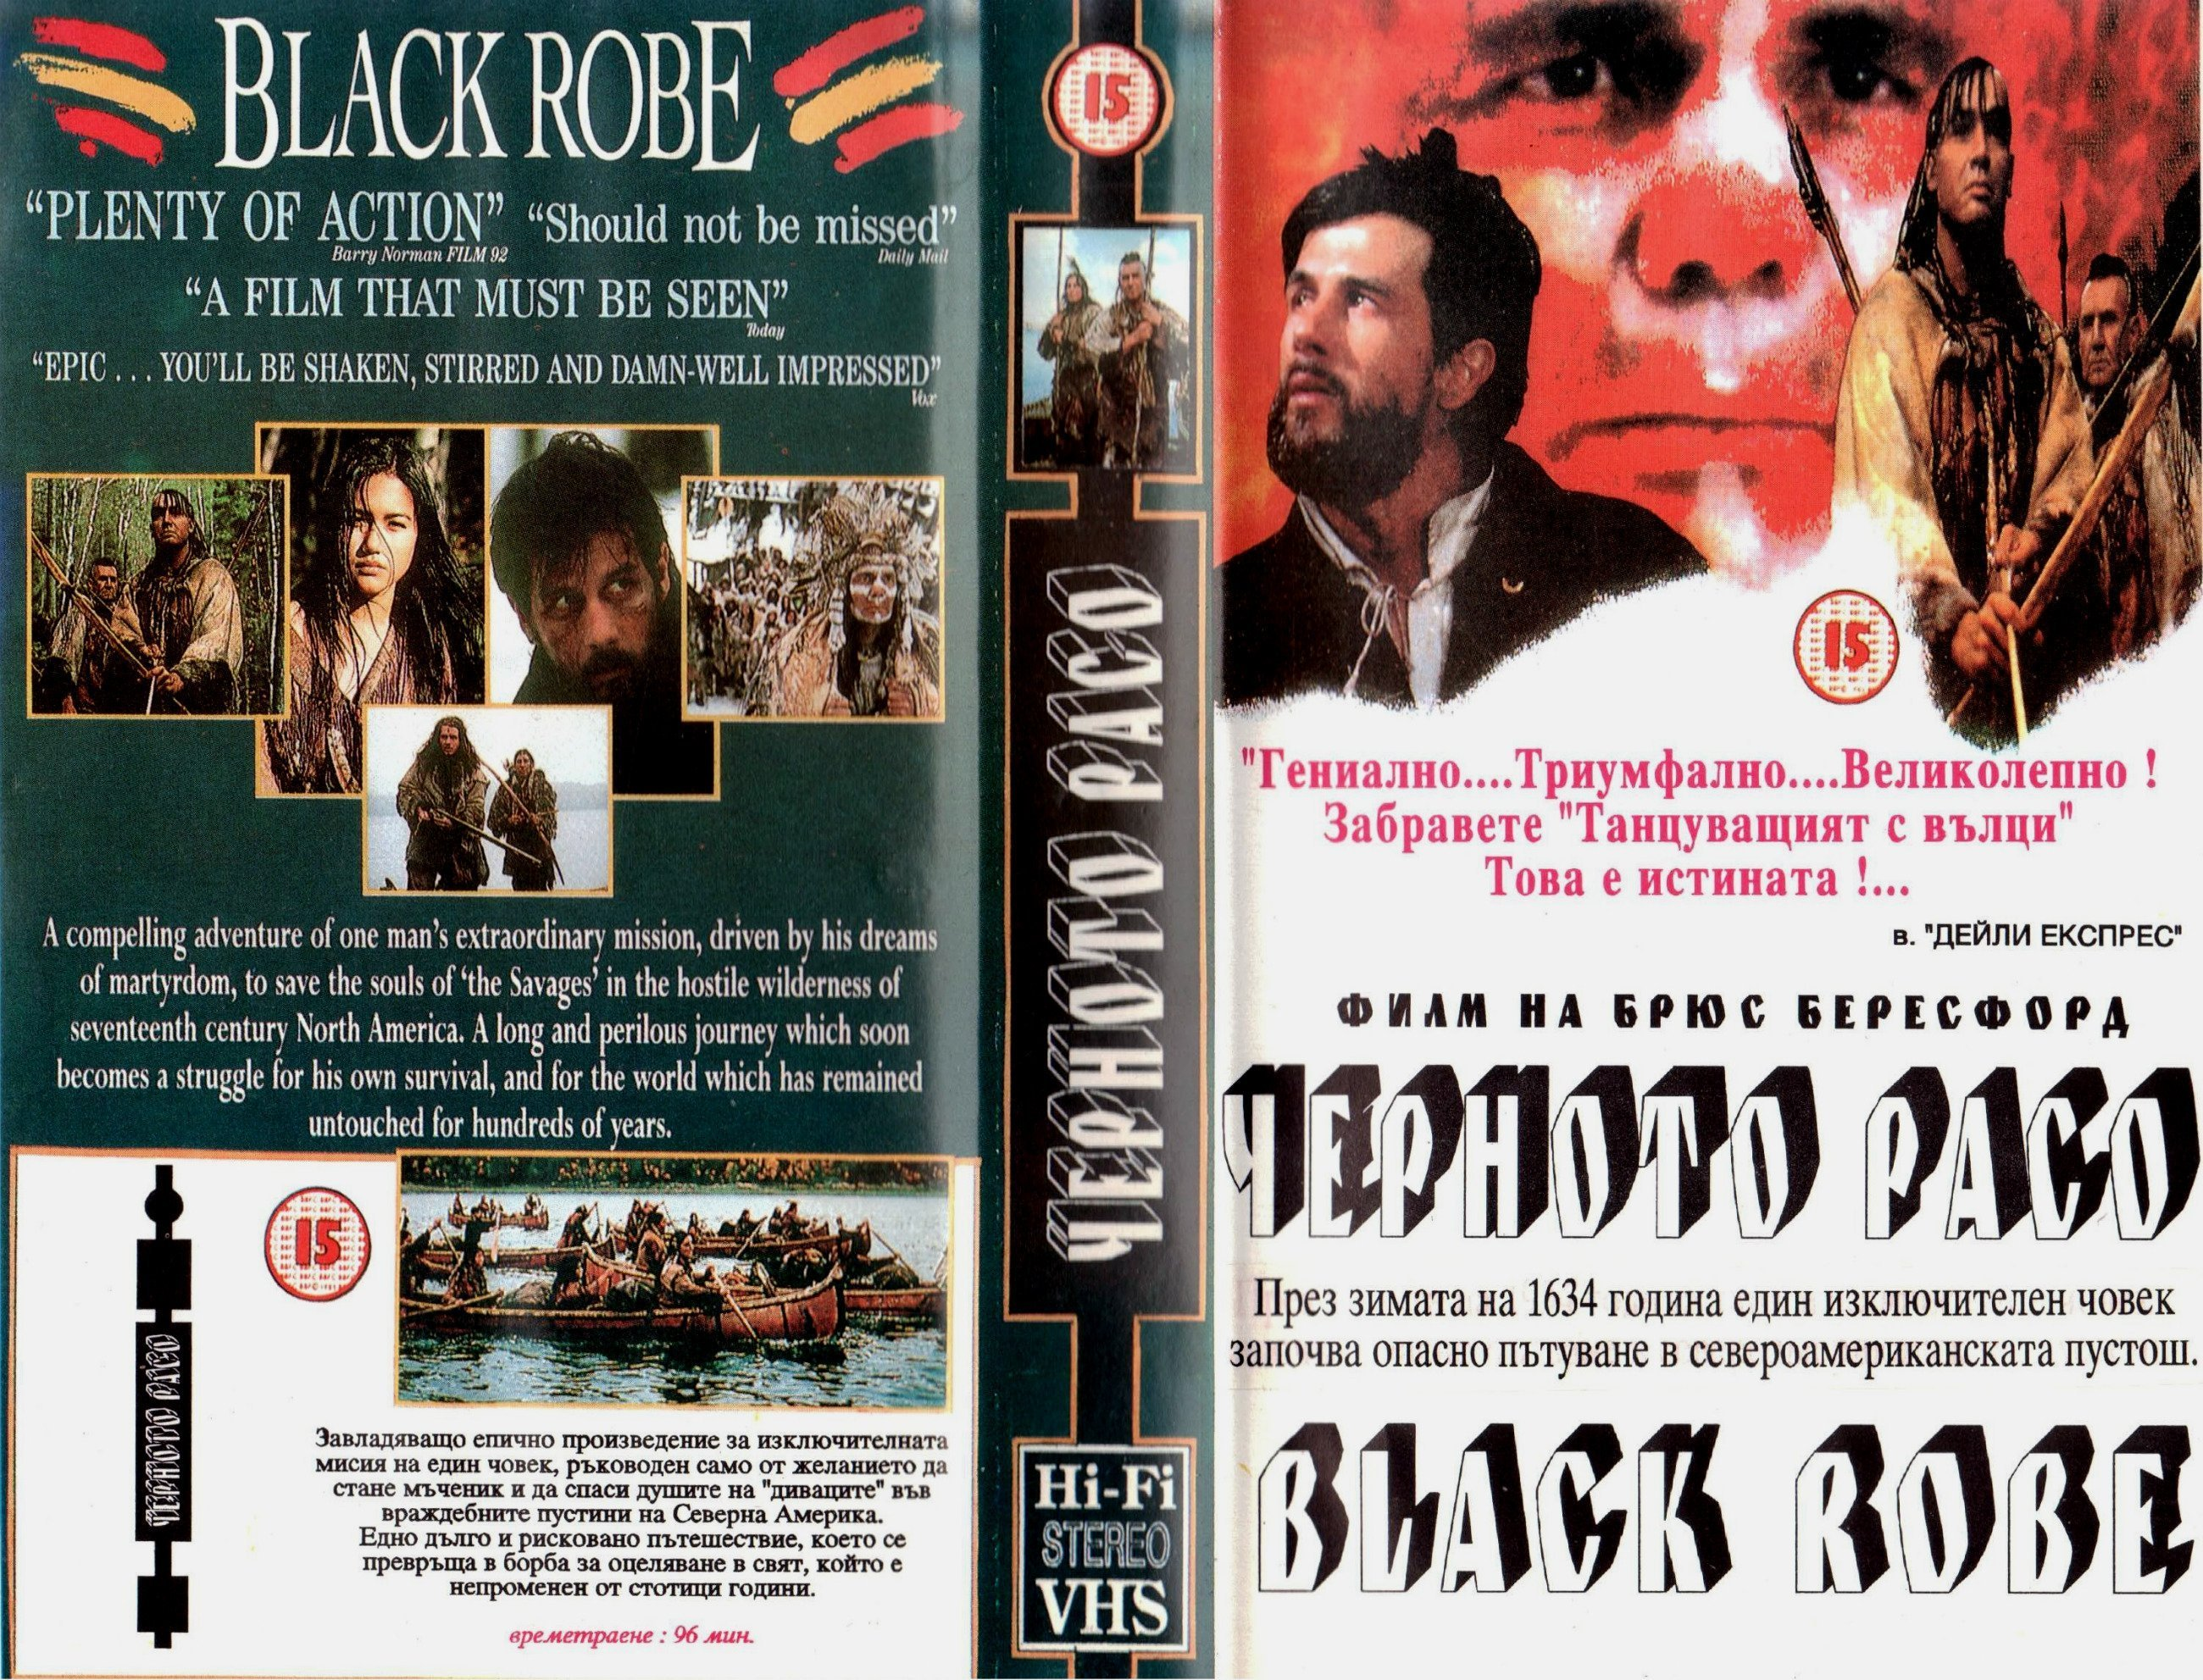 Черното расо филм